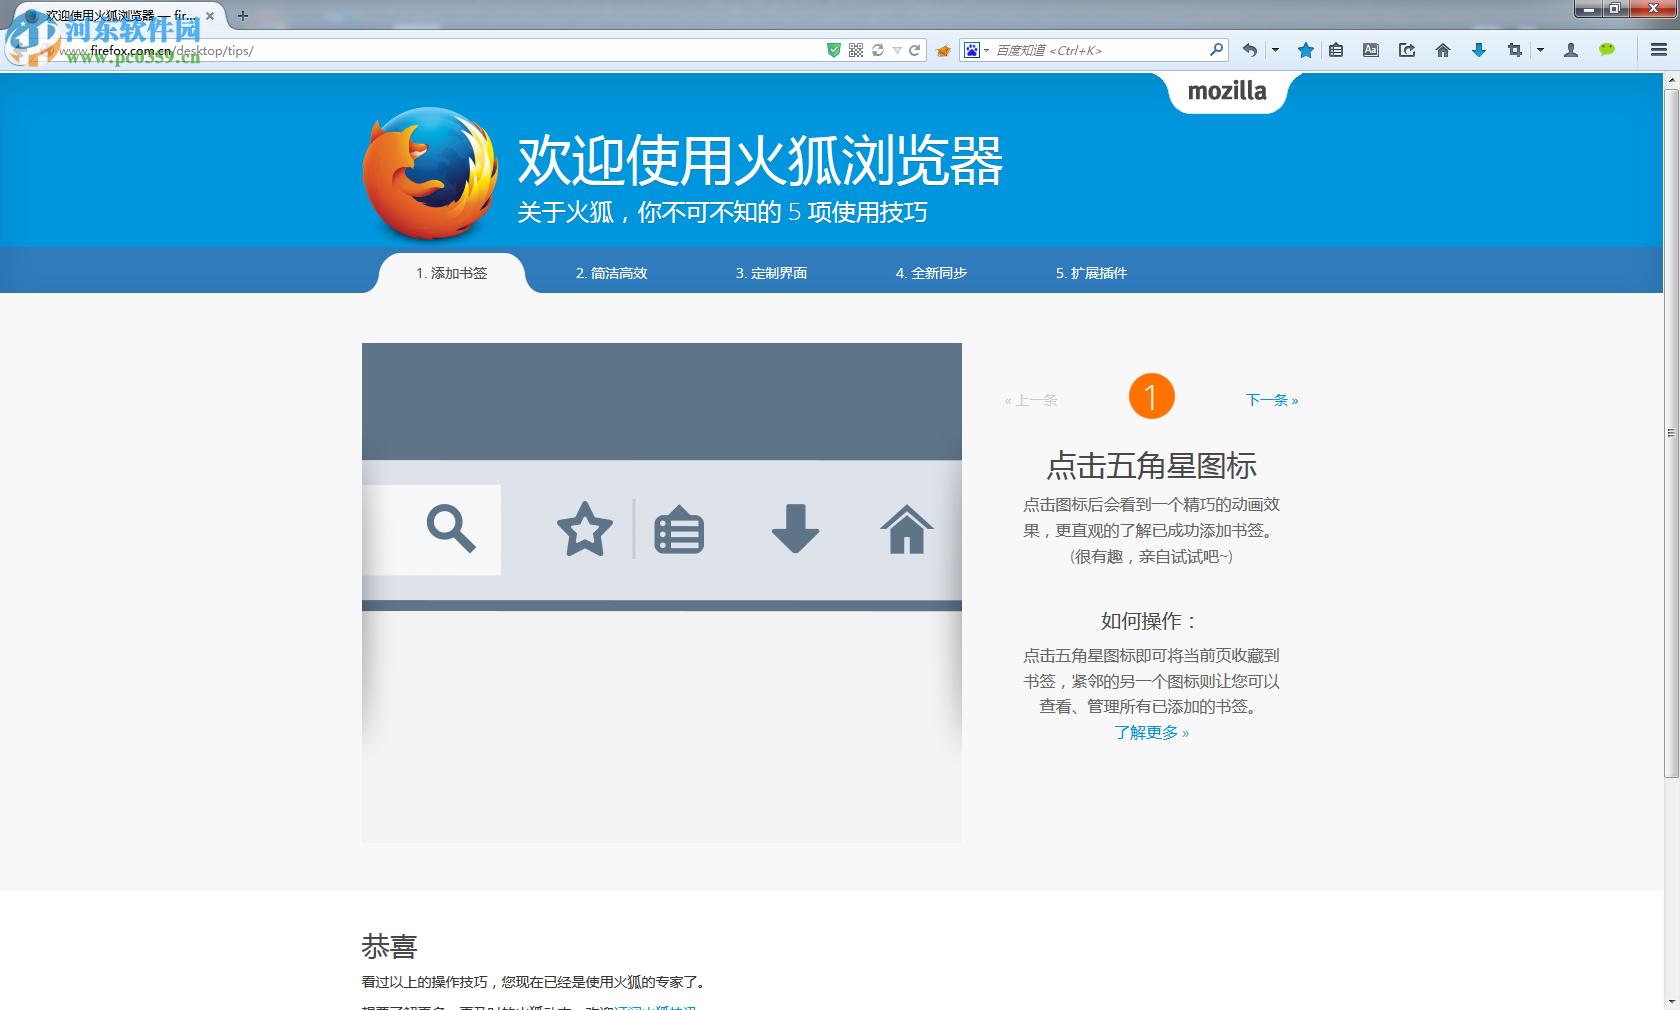 火狐firefox 61.0.1 官方简体中文版